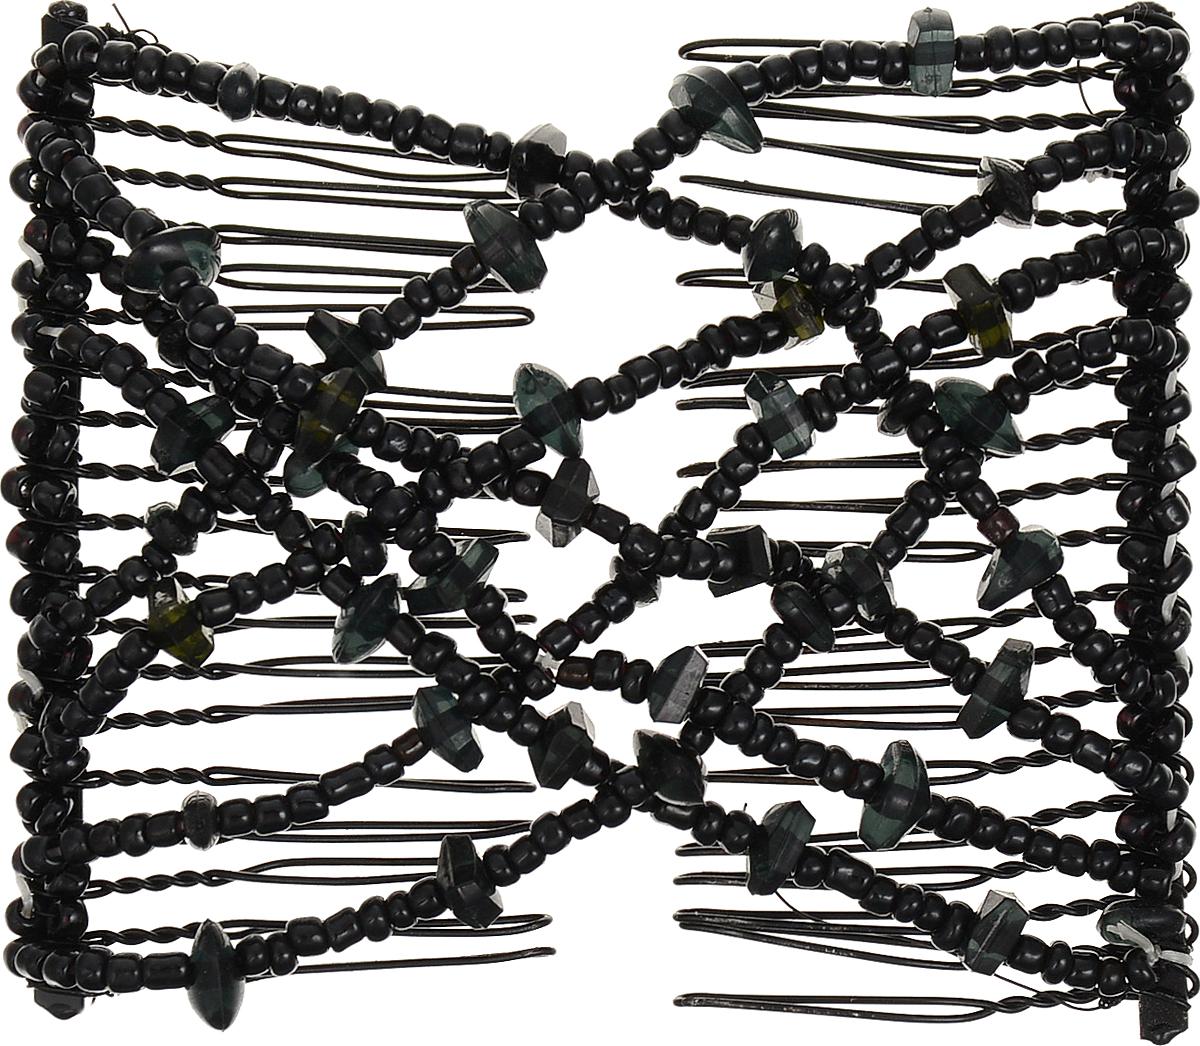 EZ-Combs Заколка Изи-Комбс, одинарная, цвет: черный. ЗИО_осколки ez combs заколка изи комбс одинарная цвет коричневый зио сердечки